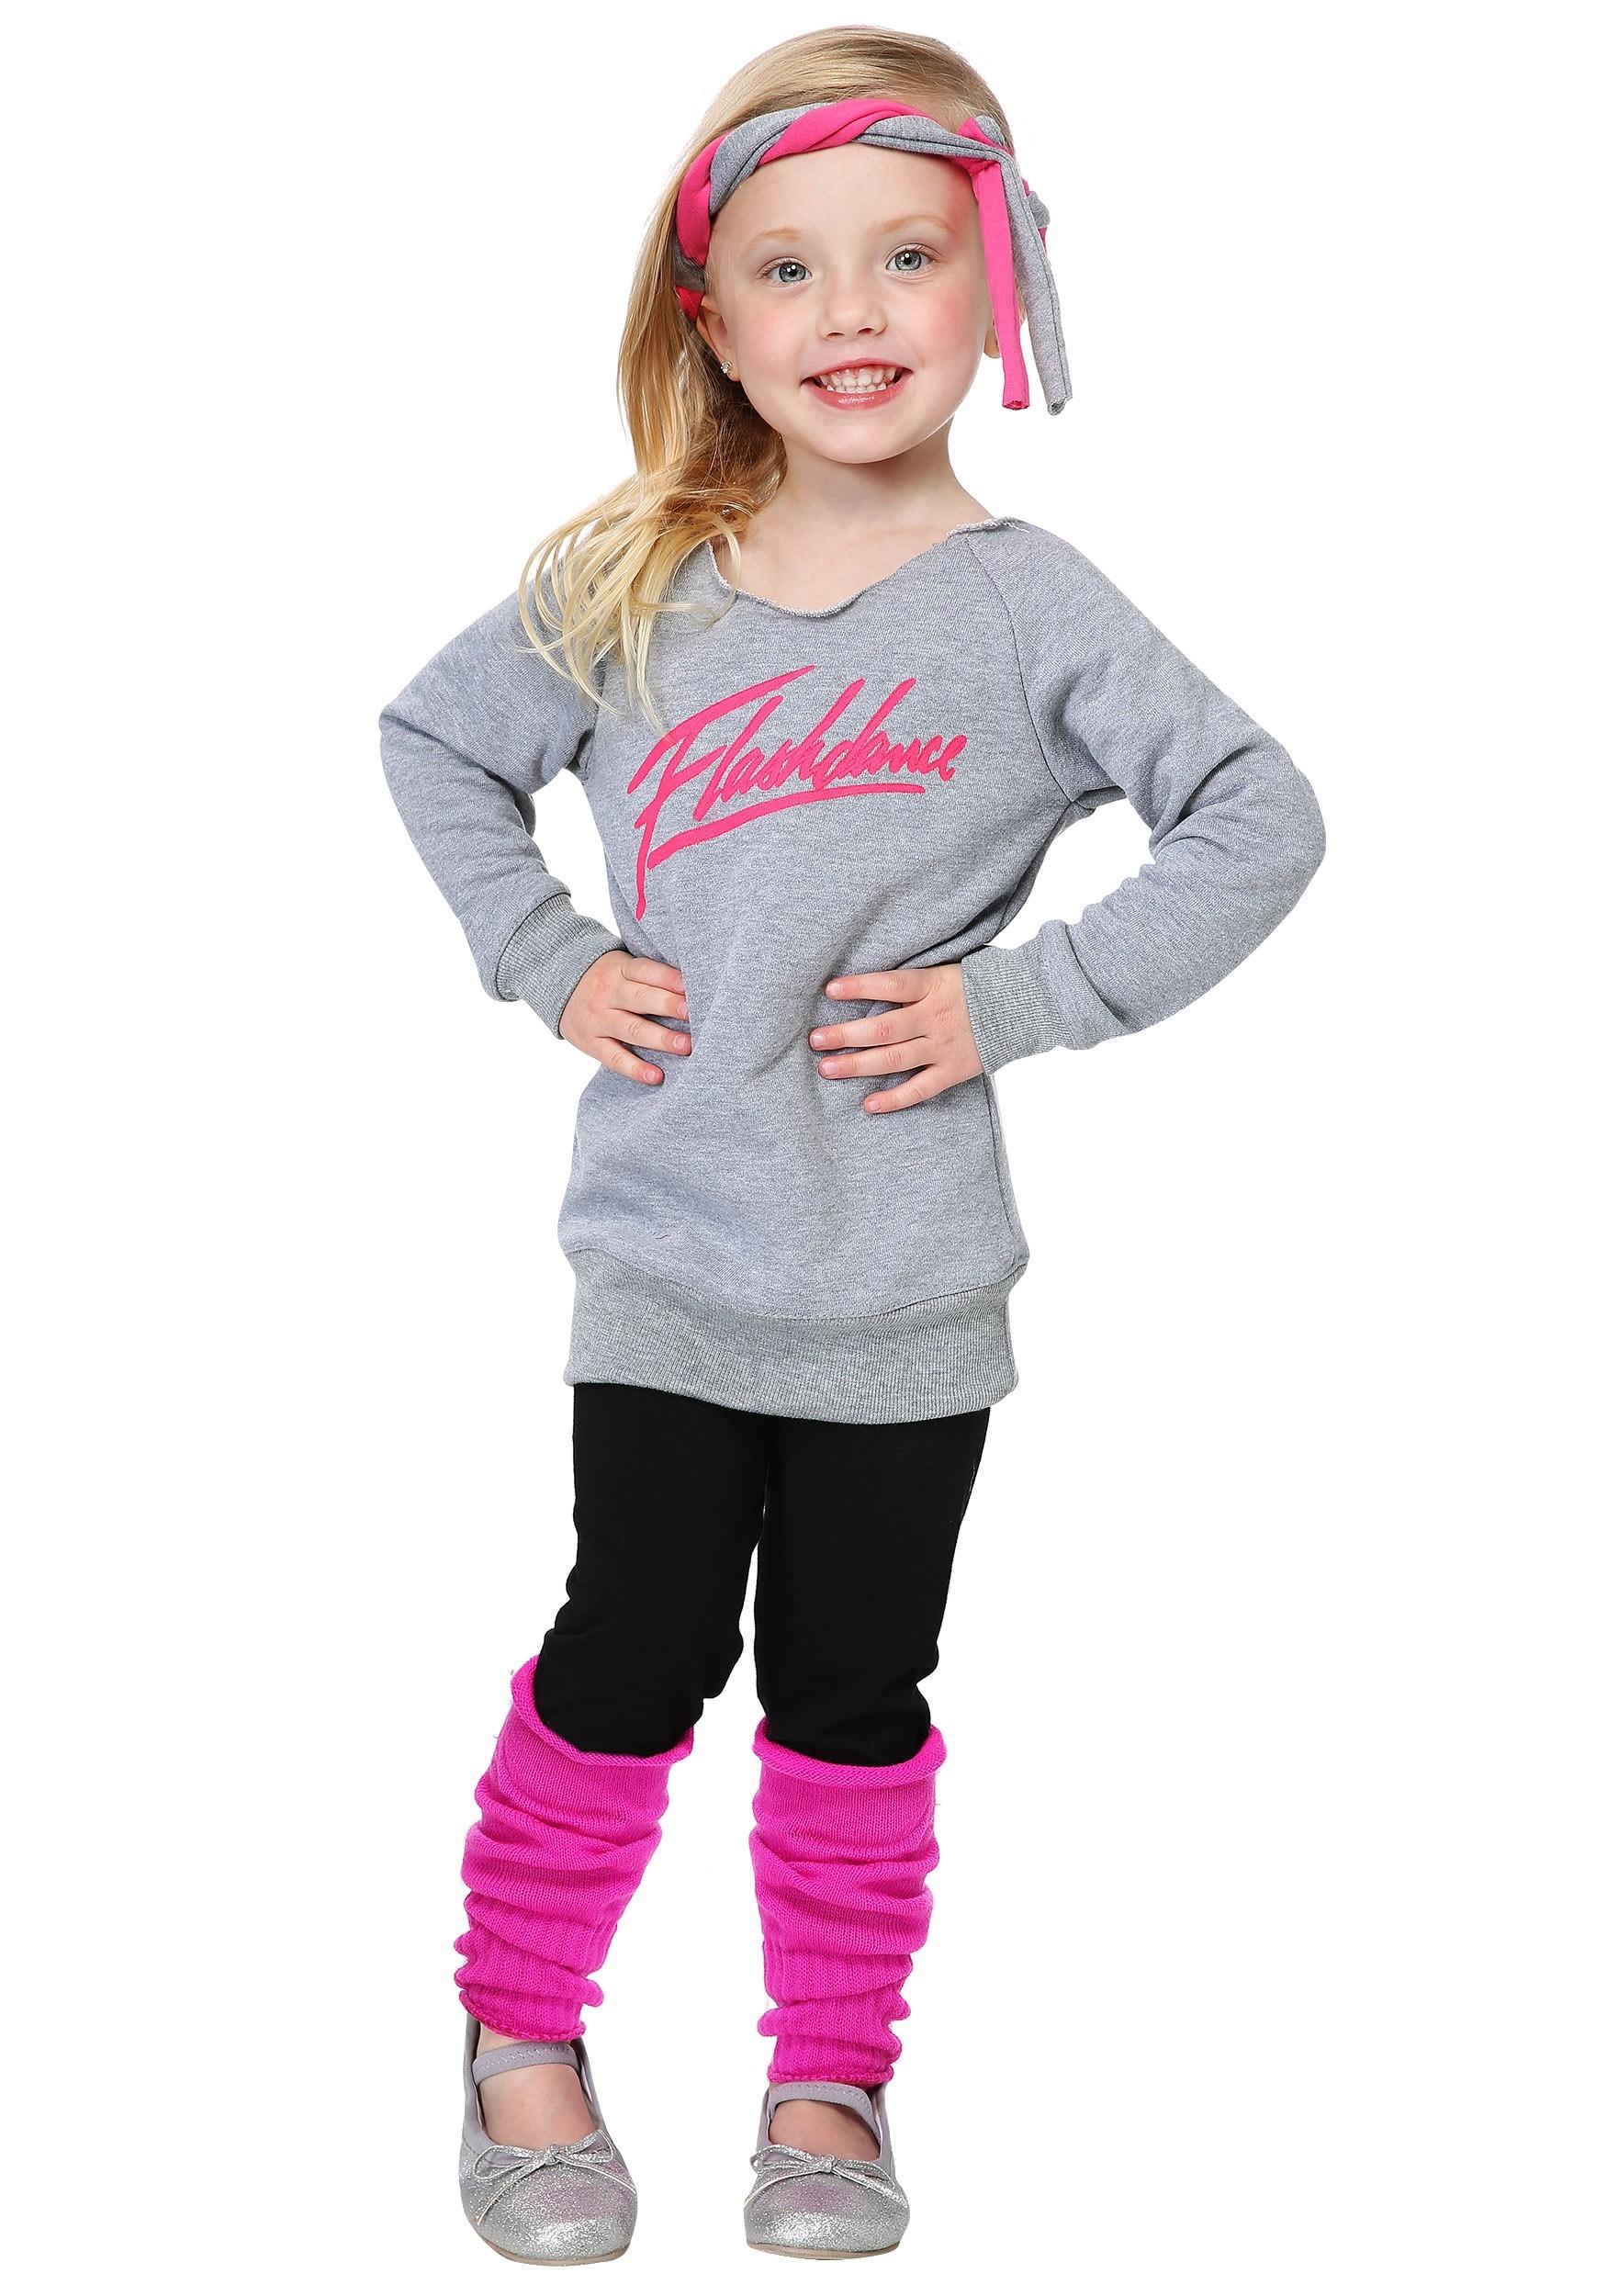 Toddler Flashdance Costume for Girls